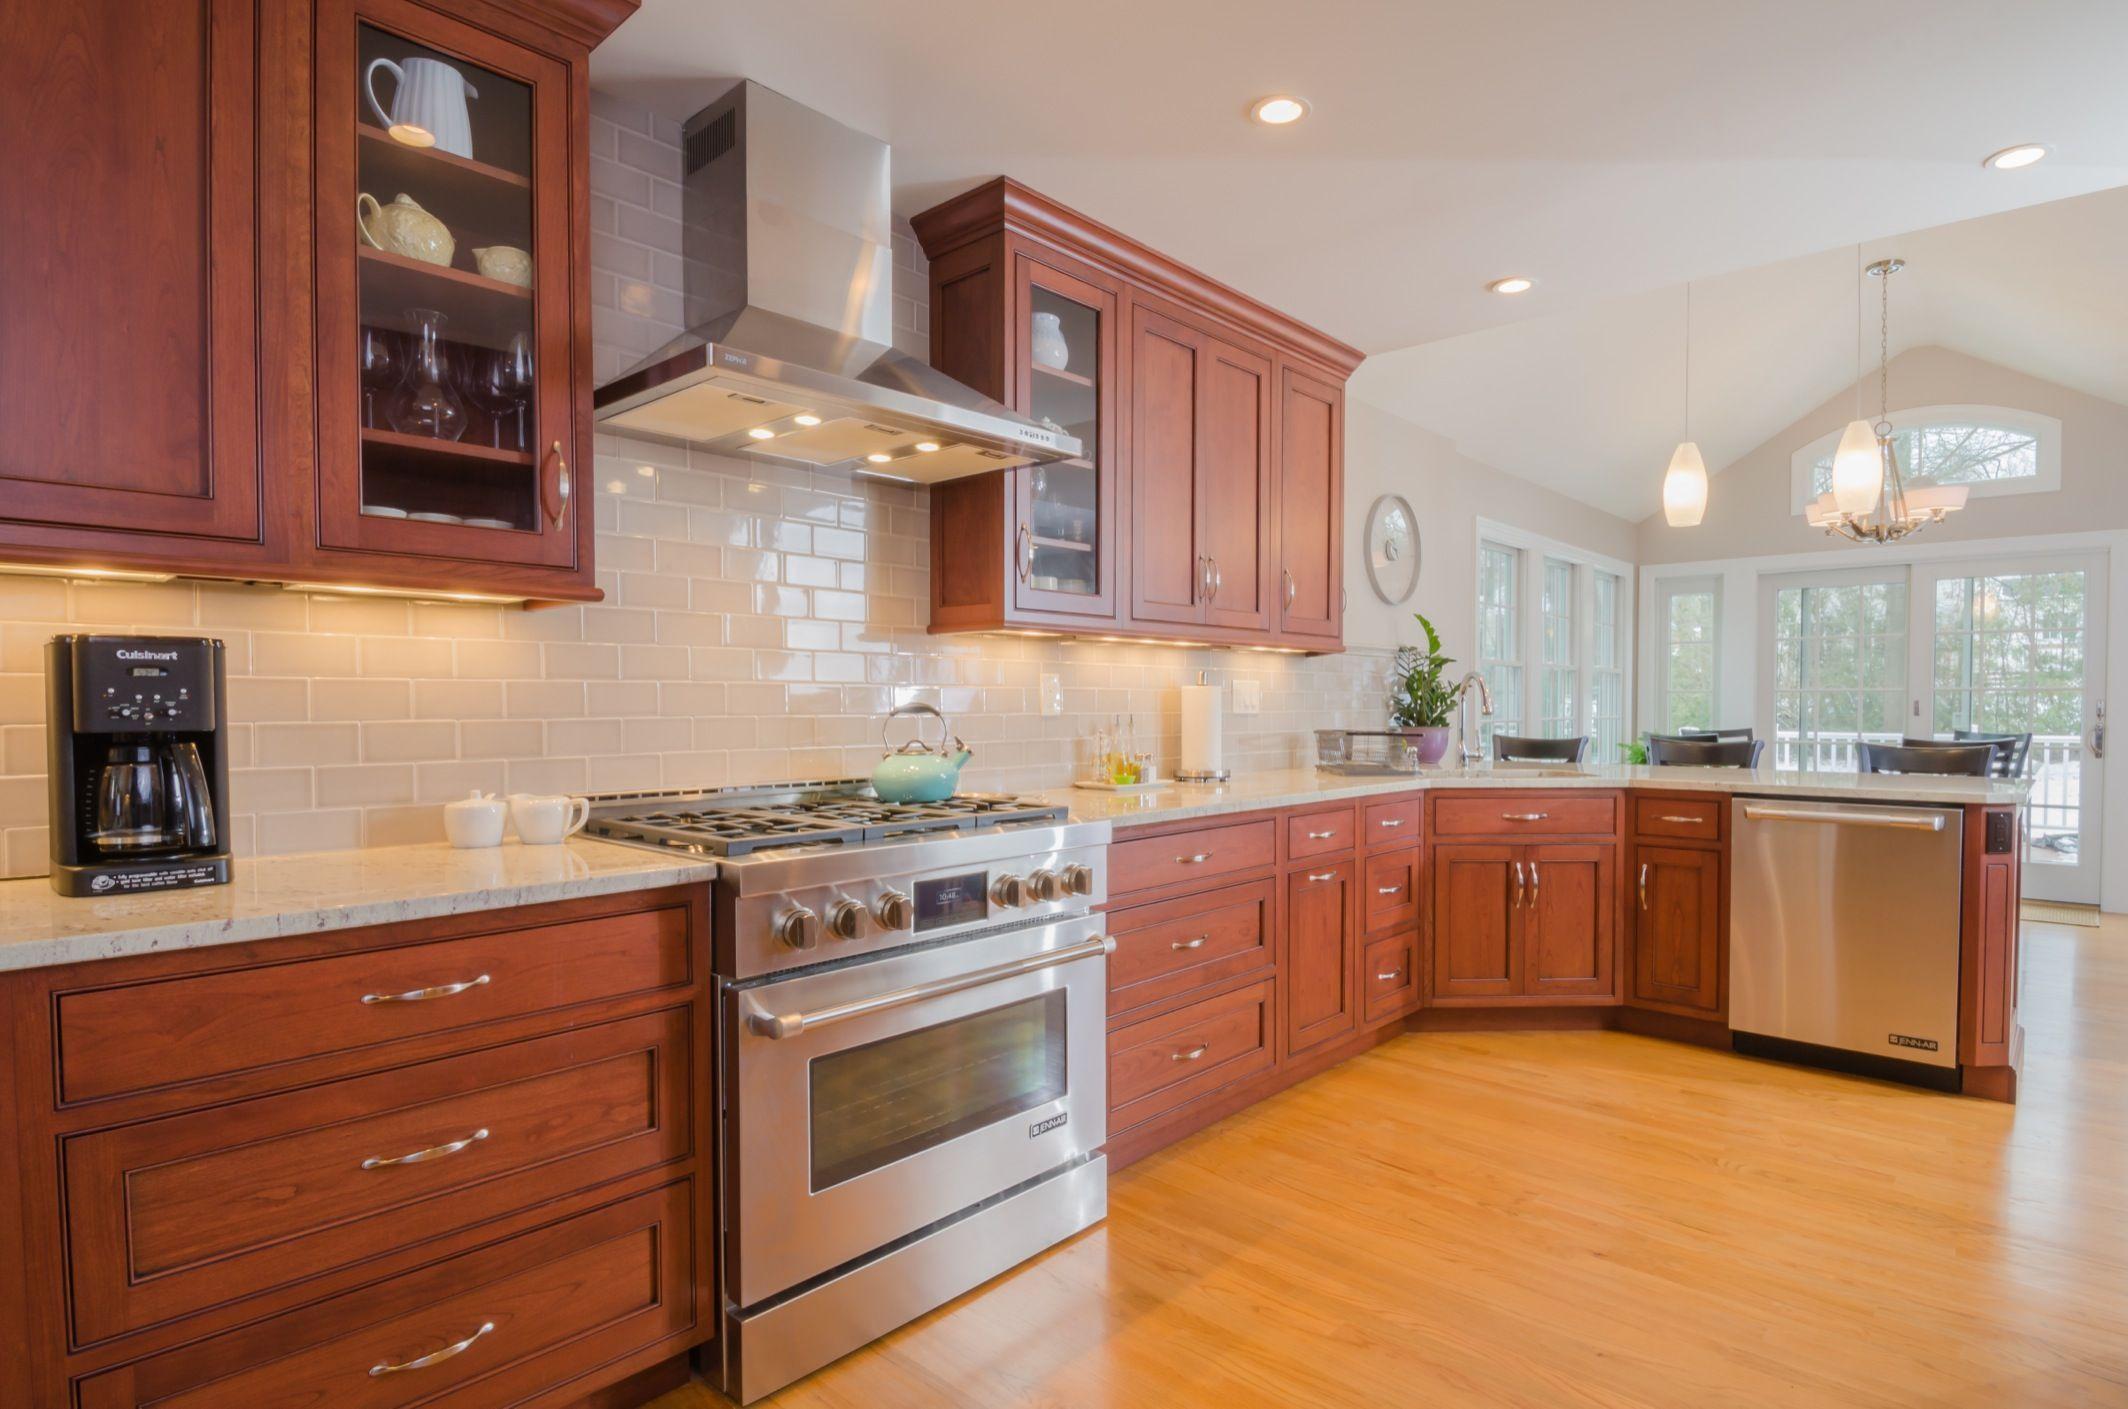 Kitchen Tile Backsplash Ideas With Dark Cabinets Cherry Wood Kitchen Cabinets Cherry Wood Cabinets Cherry Cabinets Kitchen